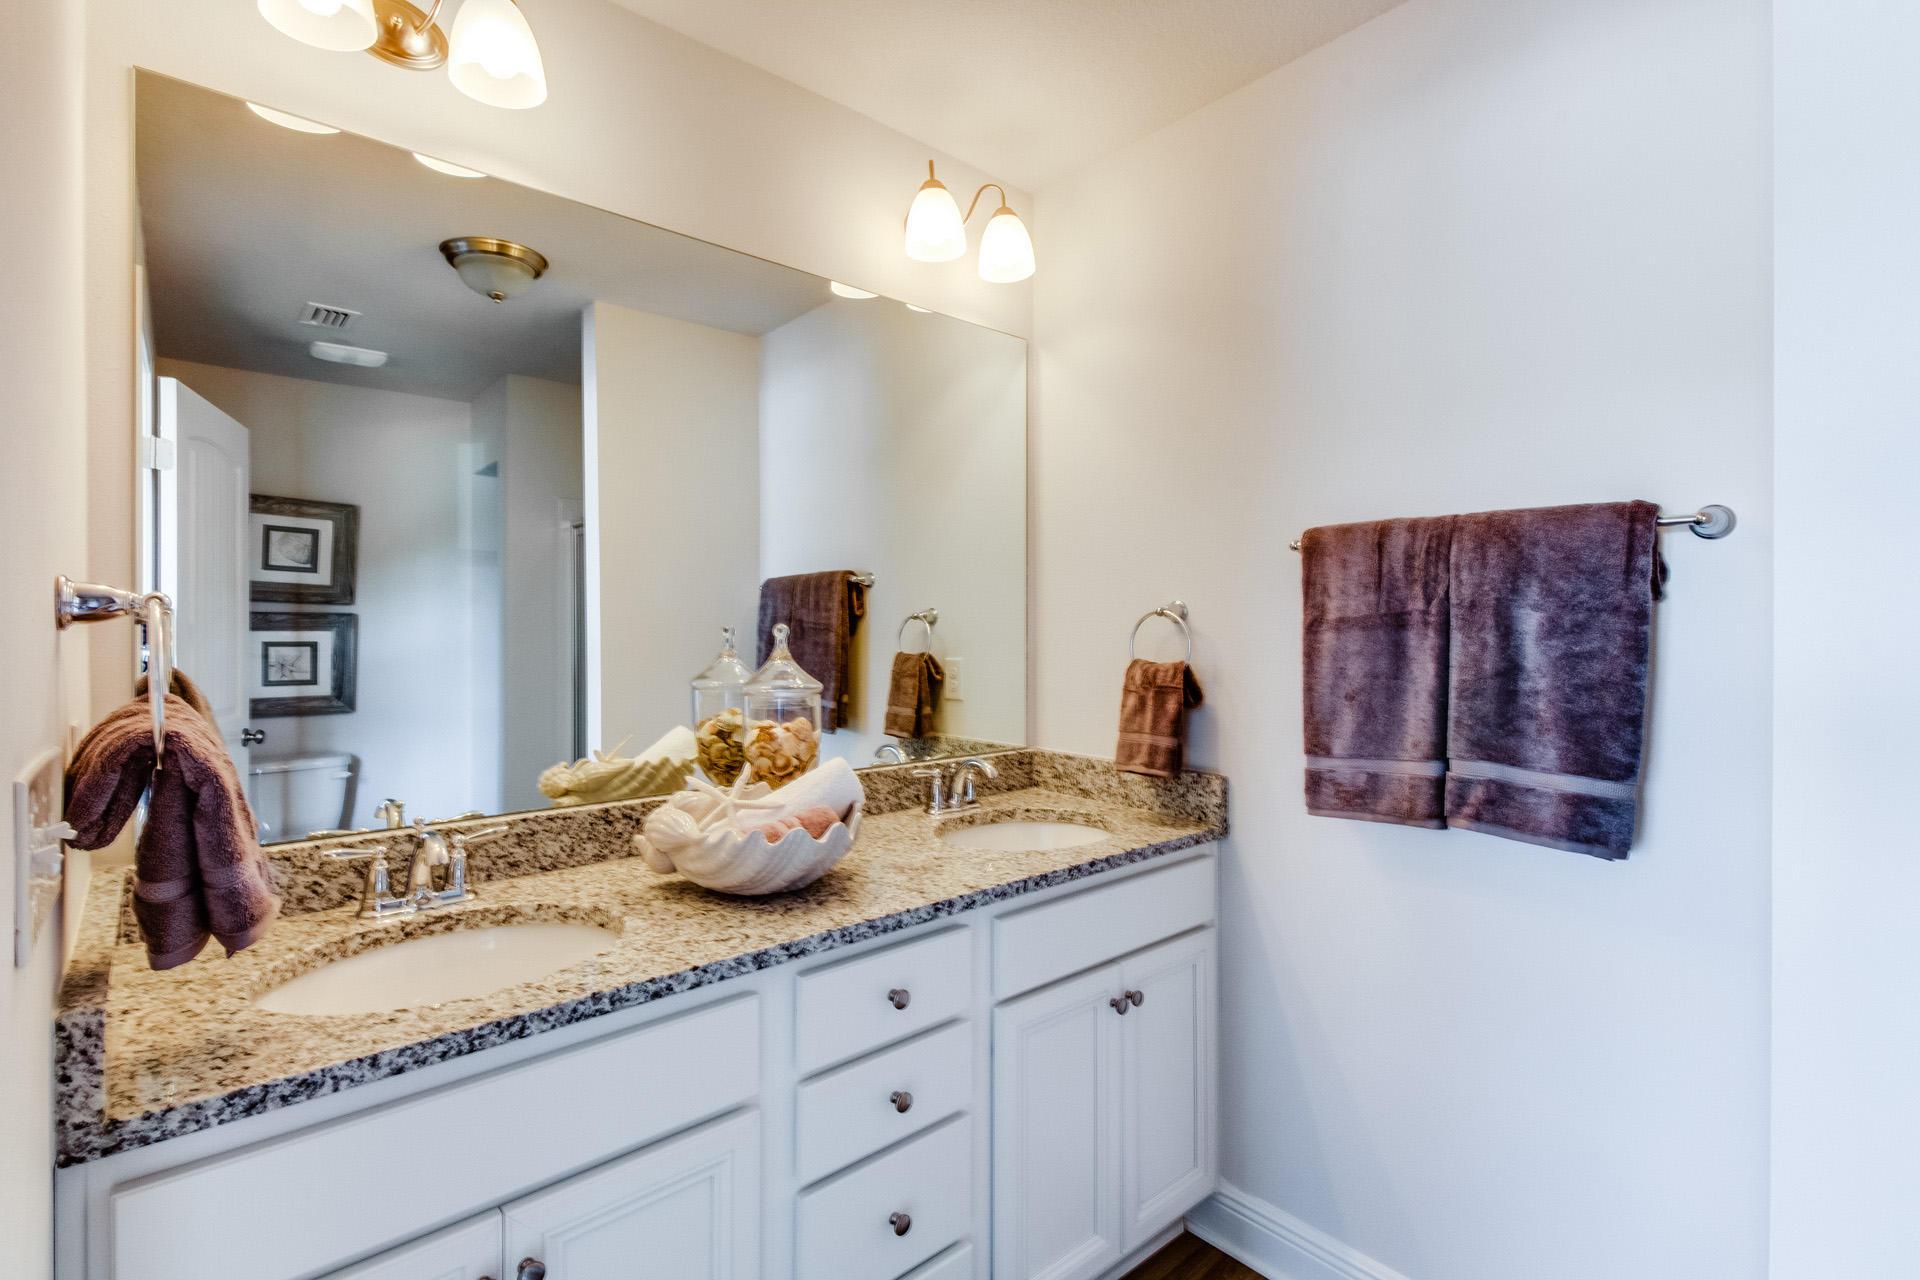 146 Crossing Lane,Santa Rosa Beach,Florida 32459,3 Bedrooms Bedrooms,2 BathroomsBathrooms,Attached single unit,Crossing Lane,20131126143817002353000000